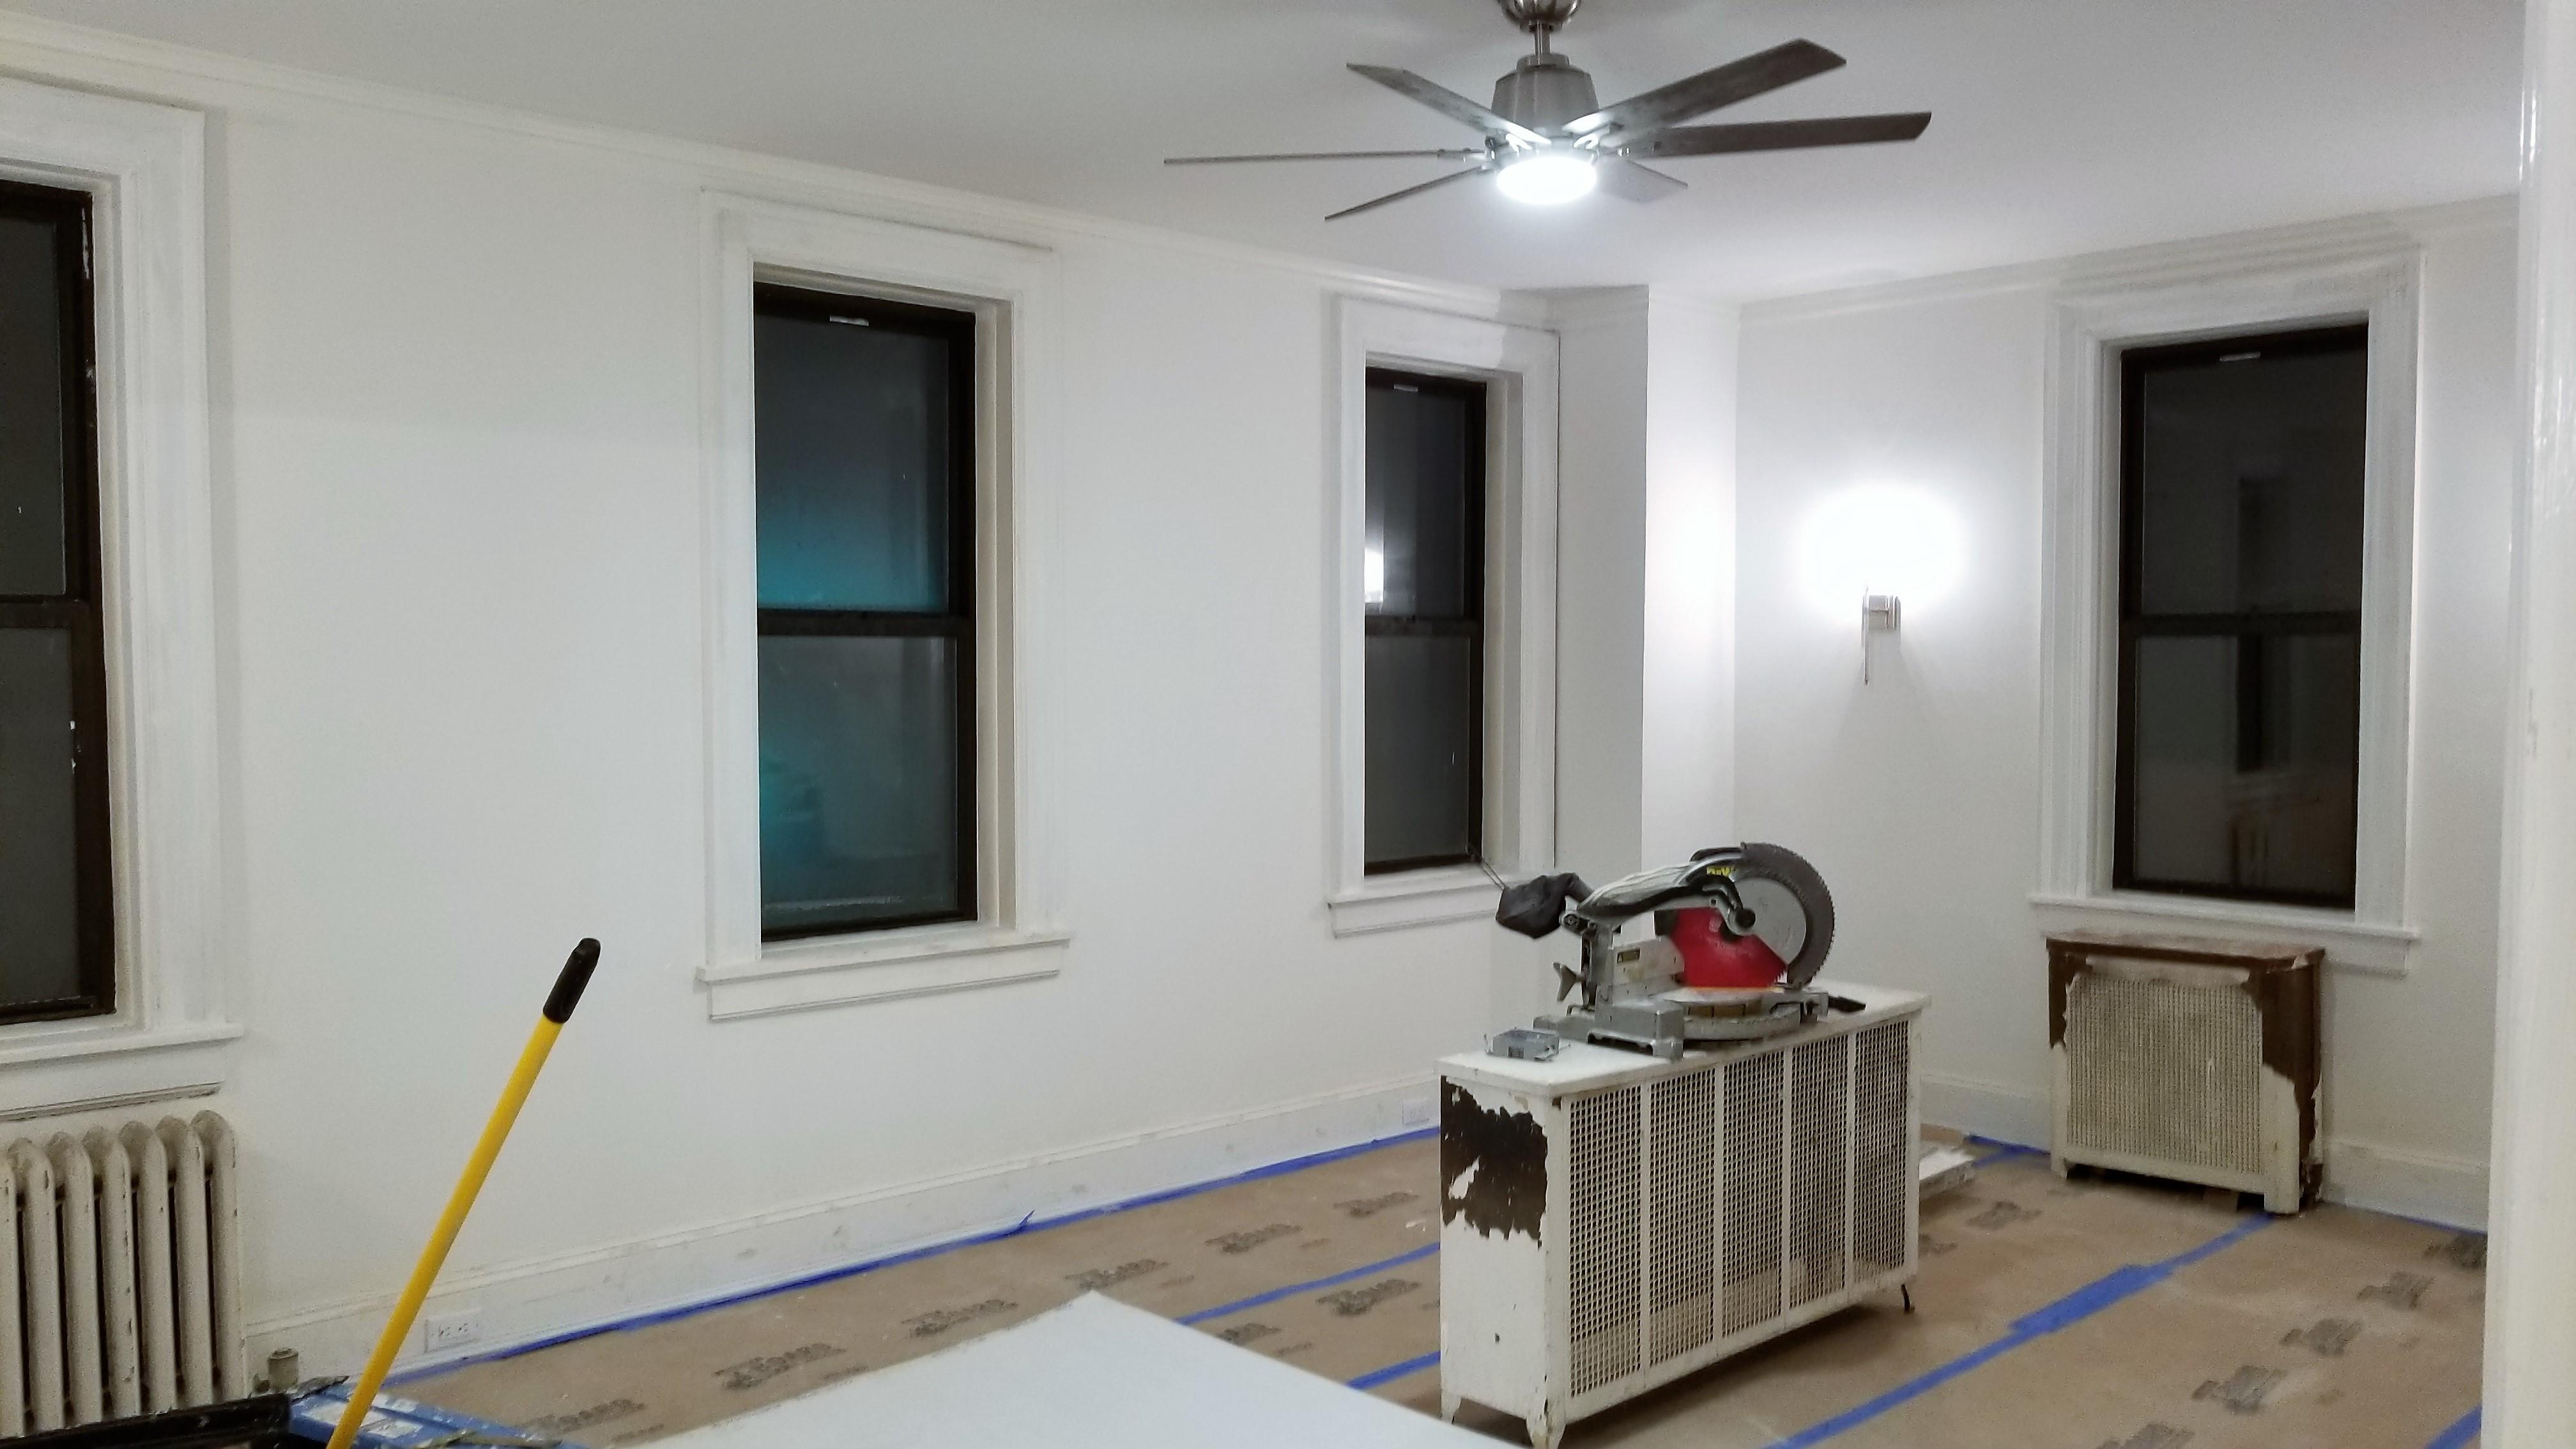 72-paint-fixtures